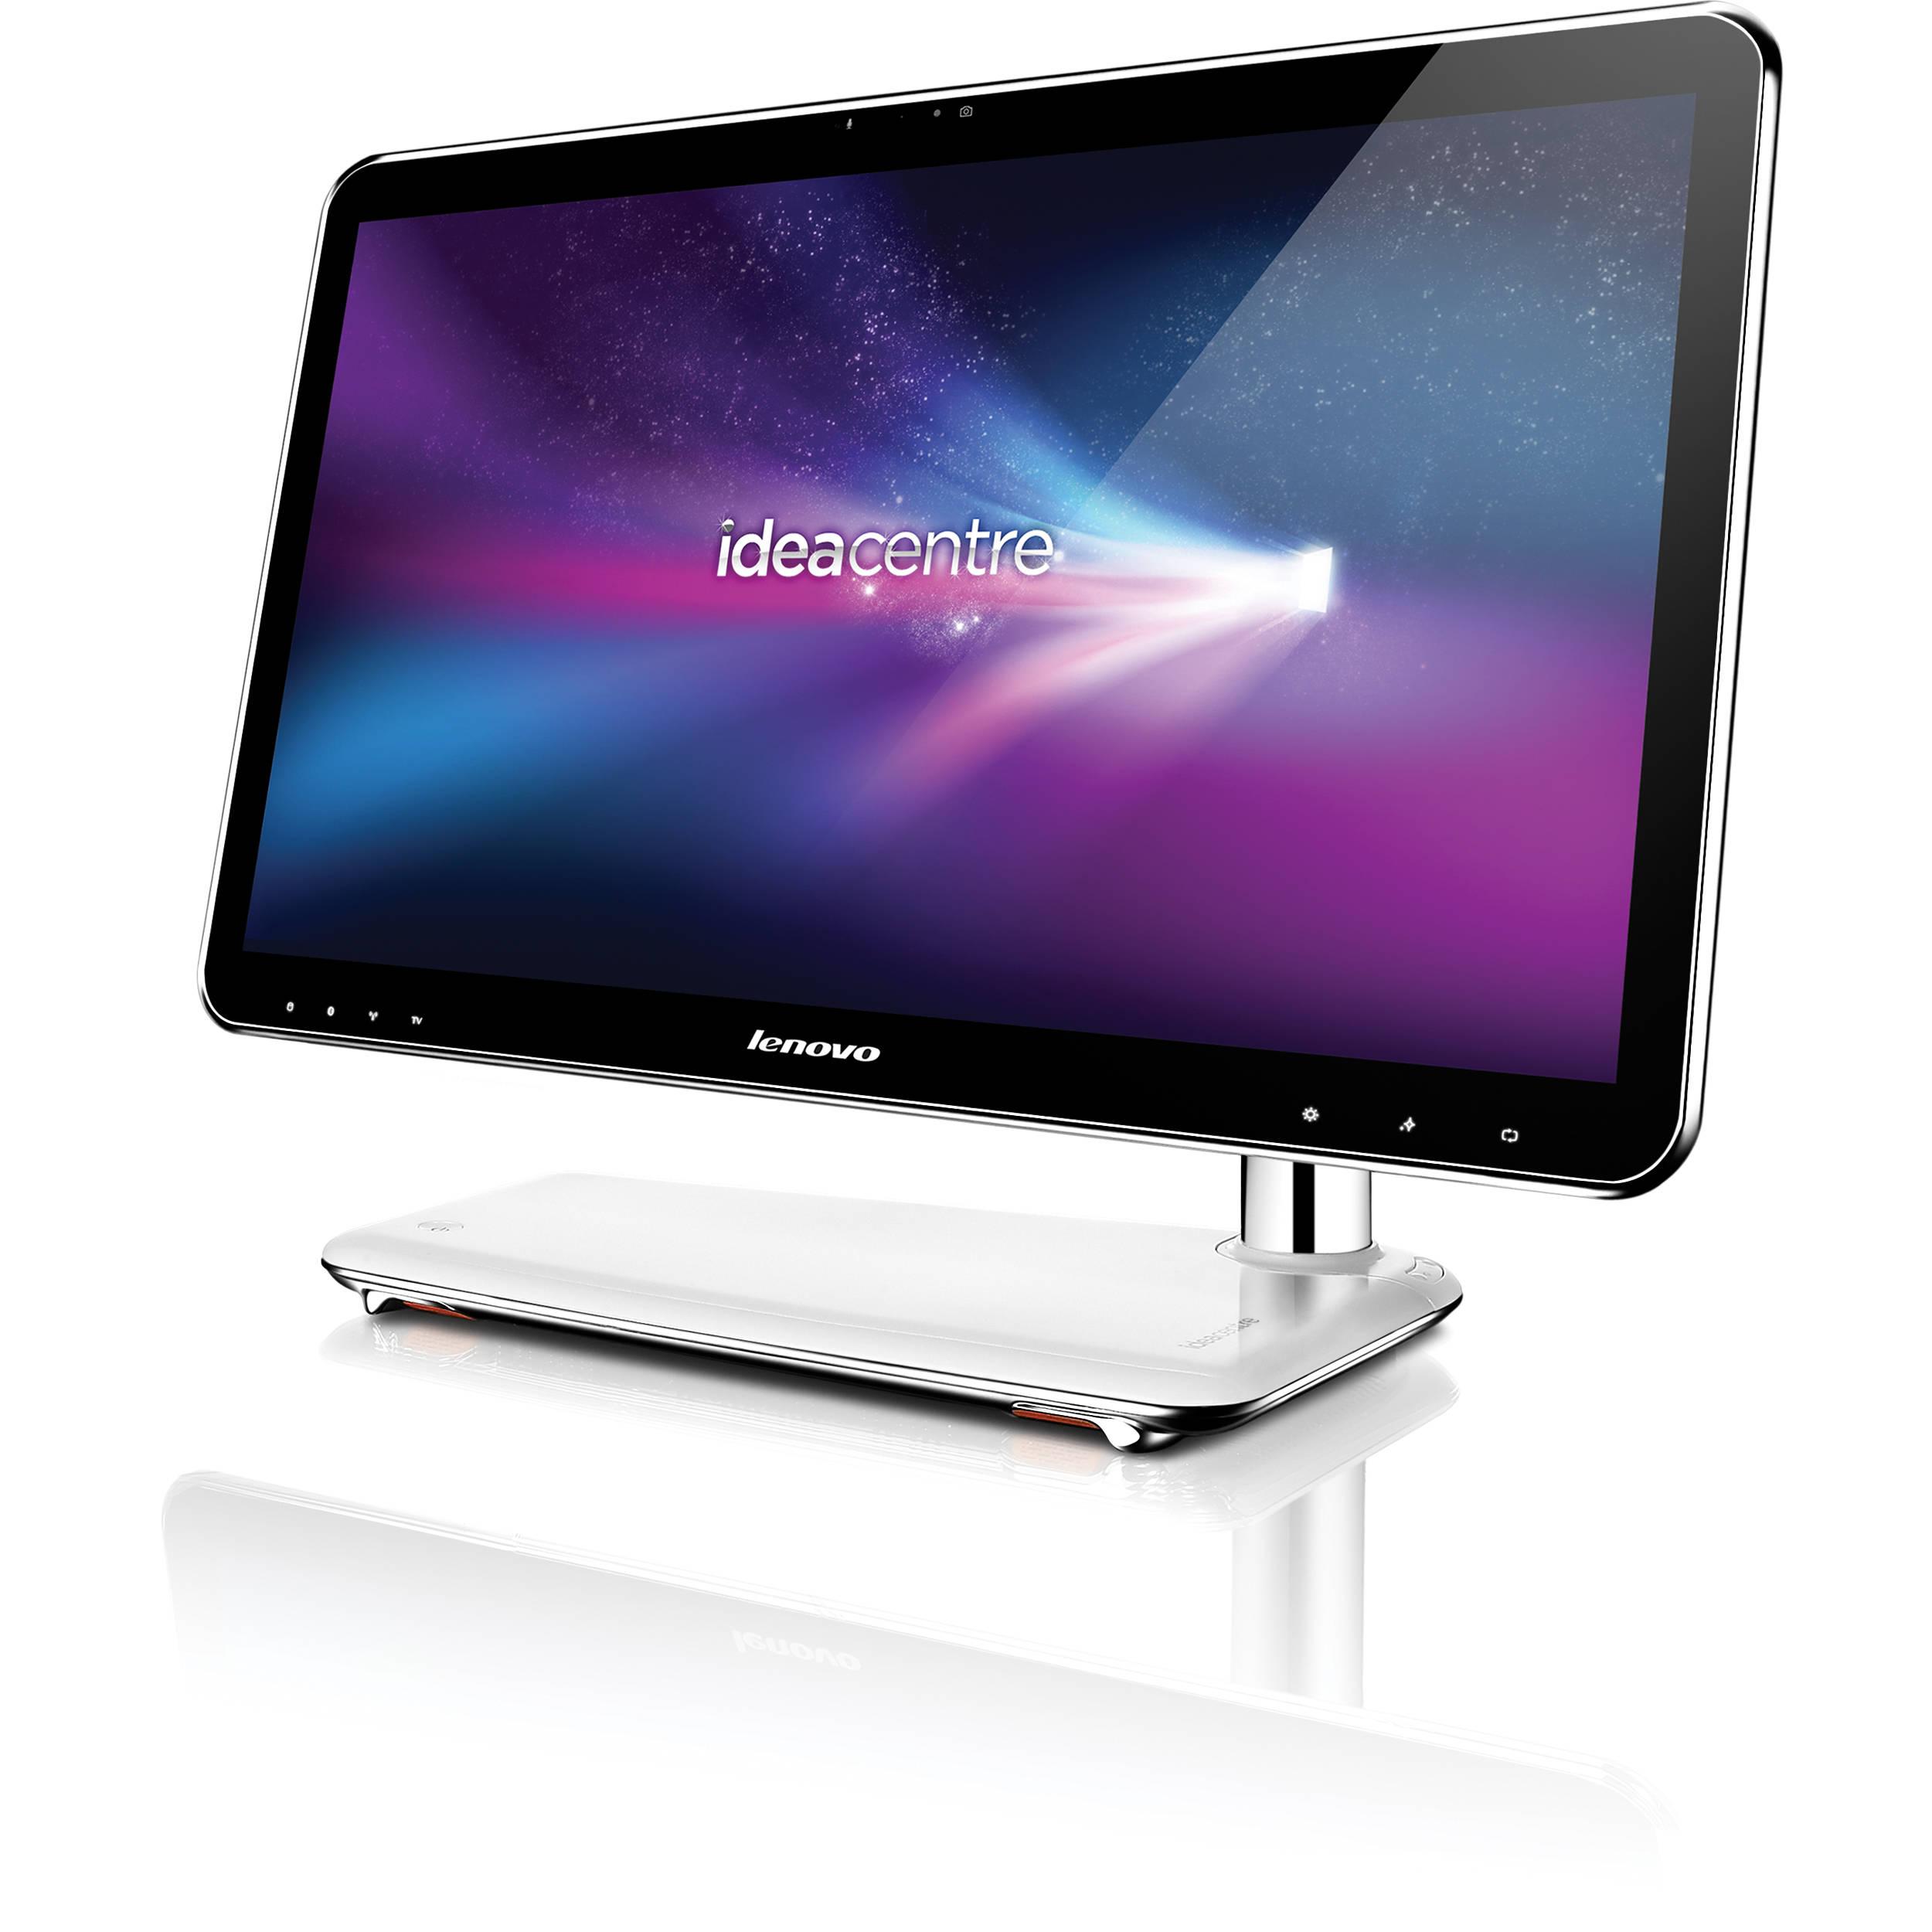 Lenovo Ideacentre A300 21 5 Quot All In One Desktop 40181du B Amp H